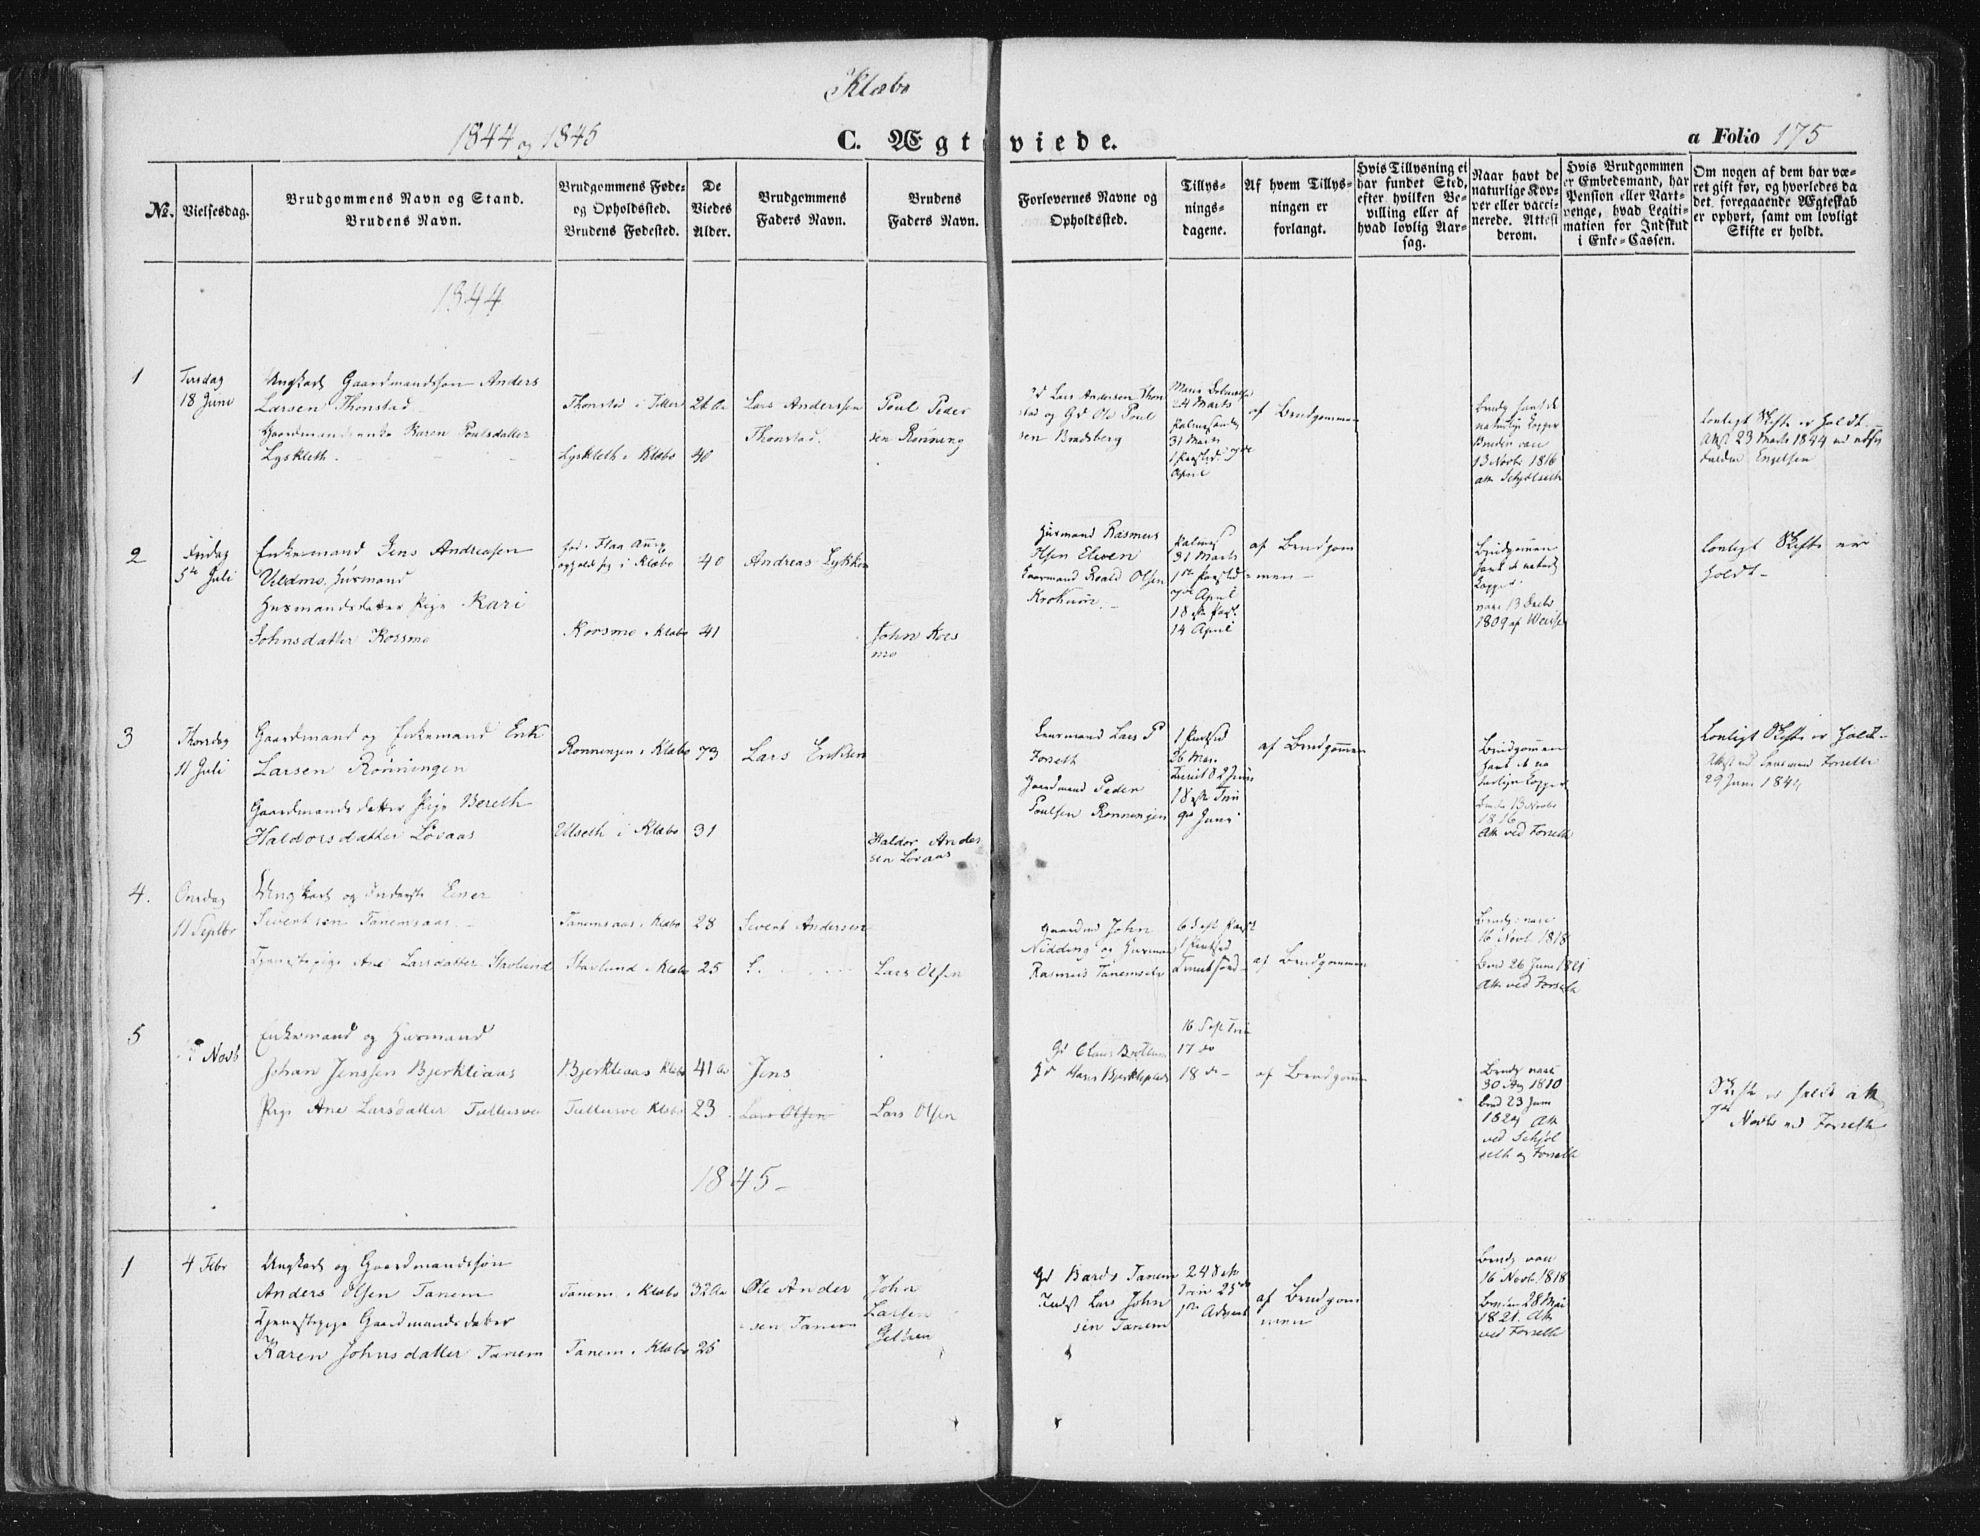 SAT, Ministerialprotokoller, klokkerbøker og fødselsregistre - Sør-Trøndelag, 618/L0441: Ministerialbok nr. 618A05, 1843-1862, s. 175